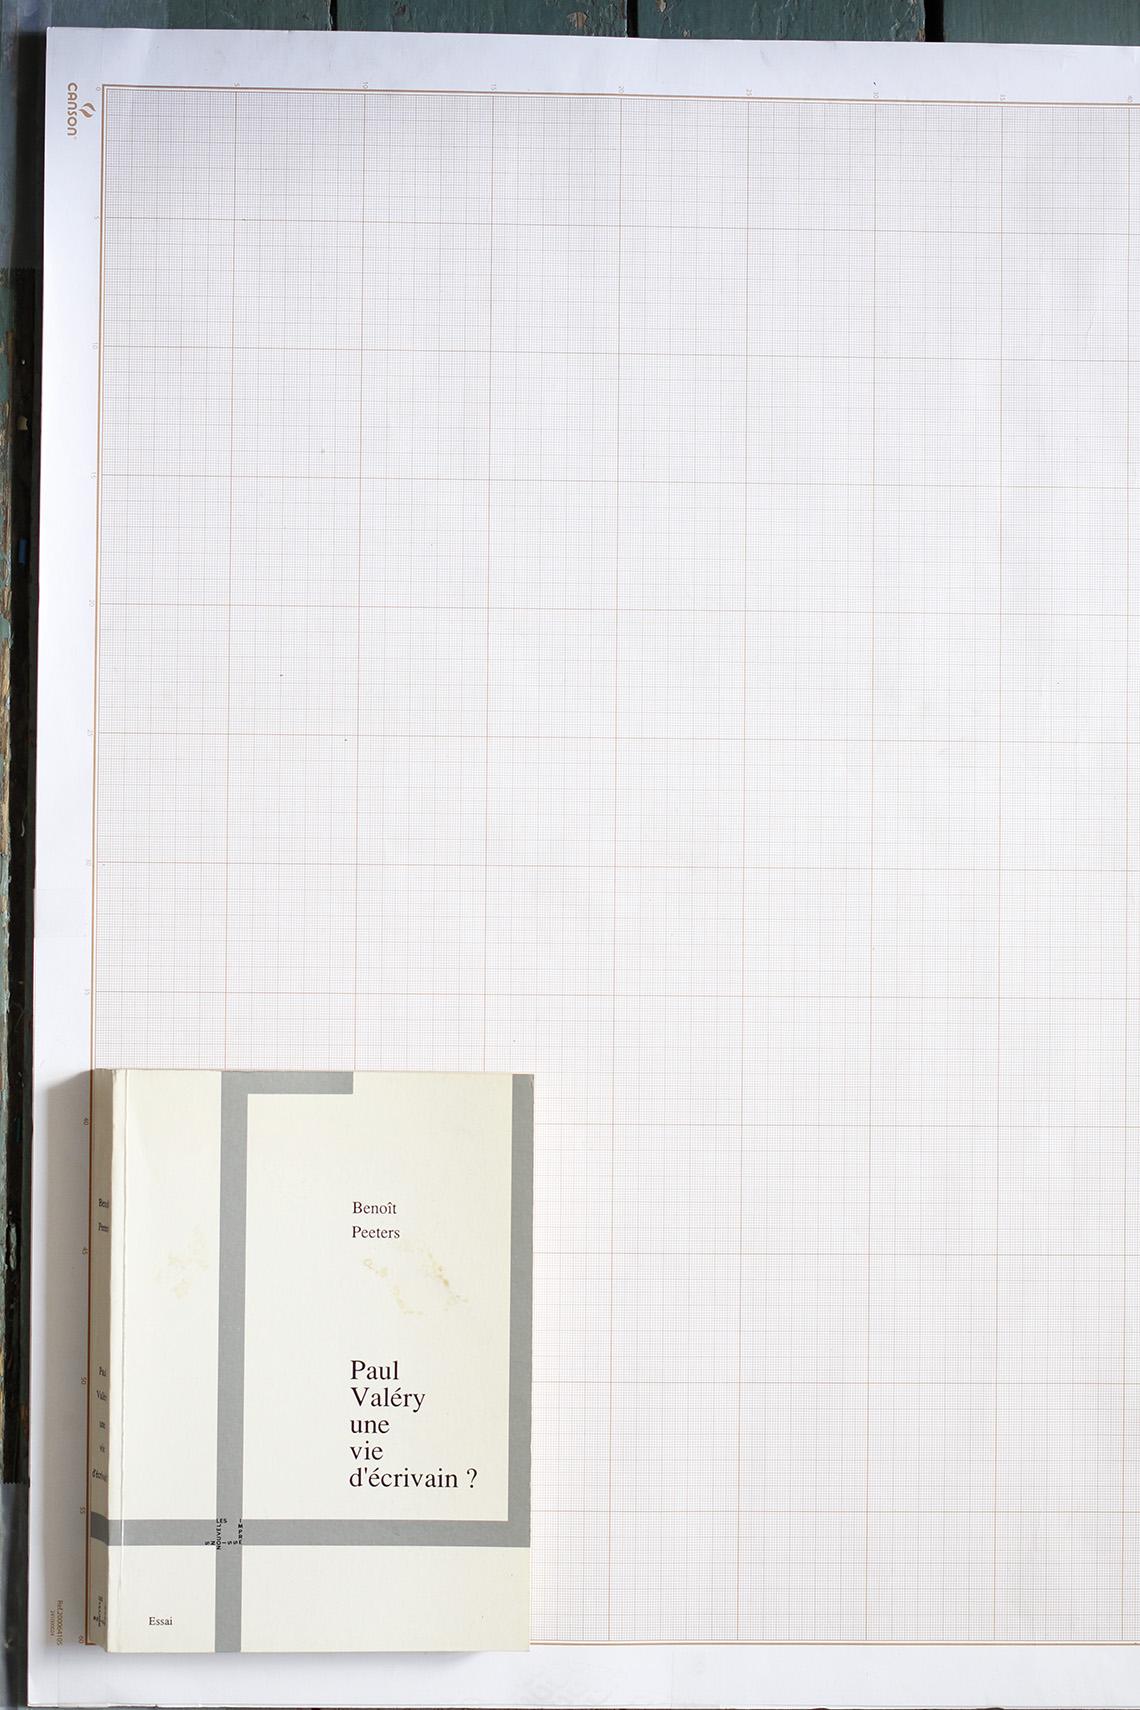 Paul Valéry. Een leven als schrijver ?, B.Peeters - Les Impressions nouvelles© Autrique Huis, 1989